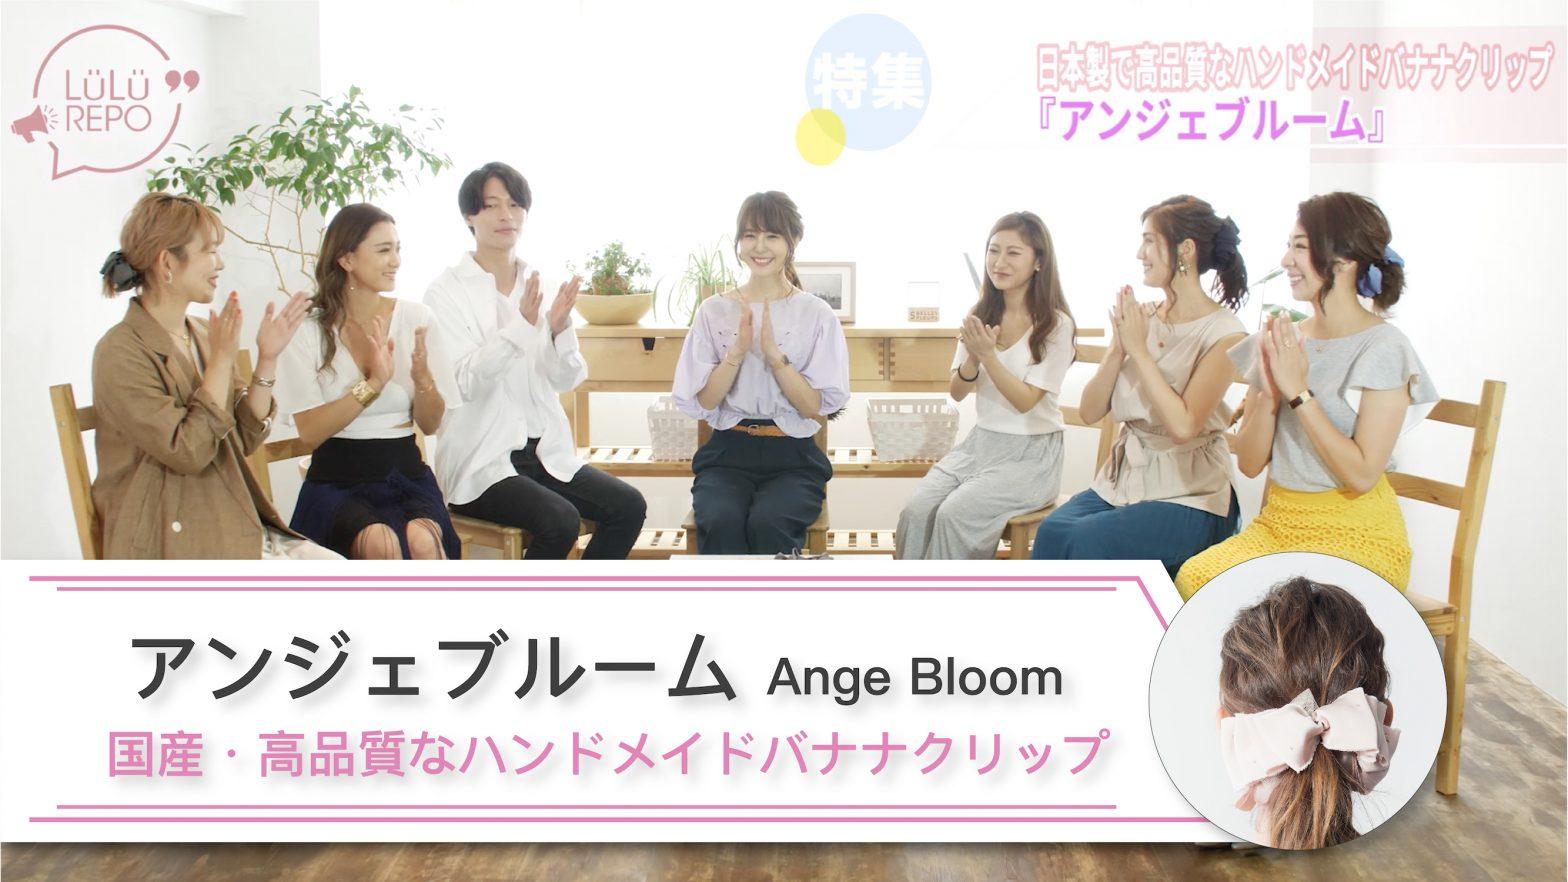 【ルルレポ公式】高品質バナナクリップAnge Bloomの実力に迫る!